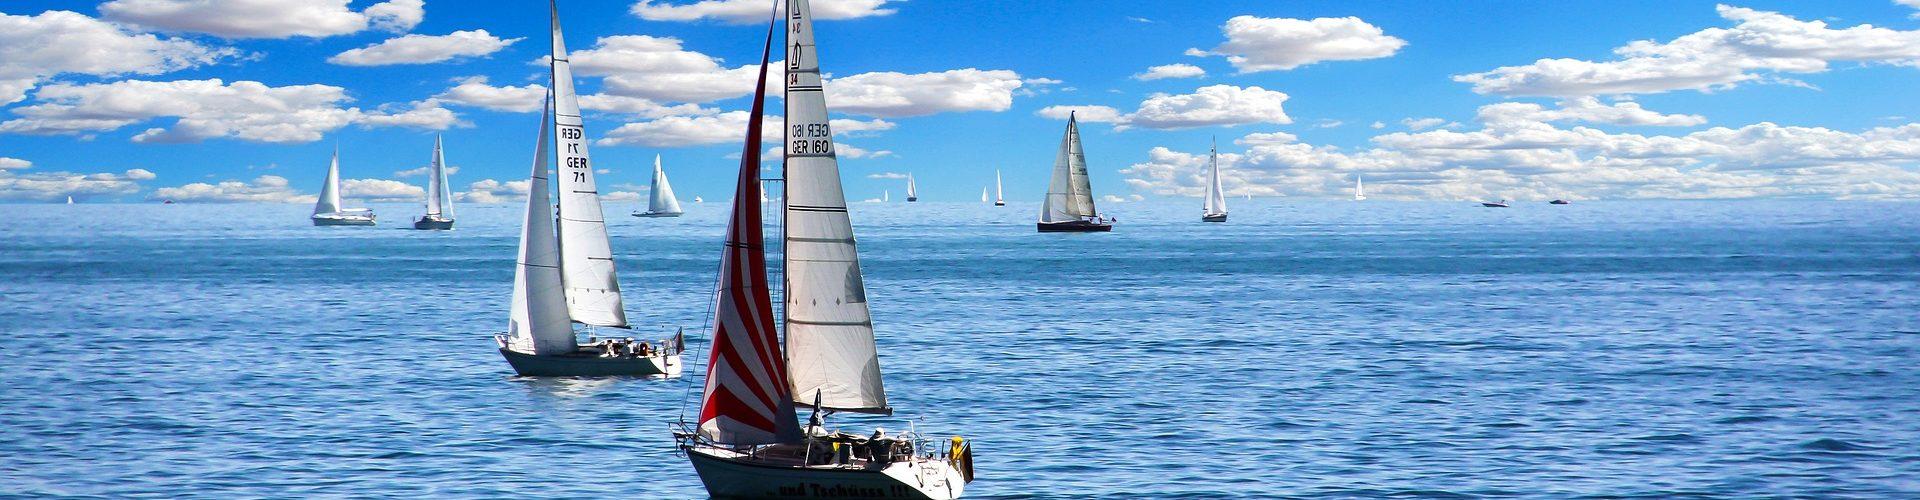 segeln lernen in Bayreuth segelschein machen in Bayreuth 1920x500 - Segeln lernen in Bayreuth